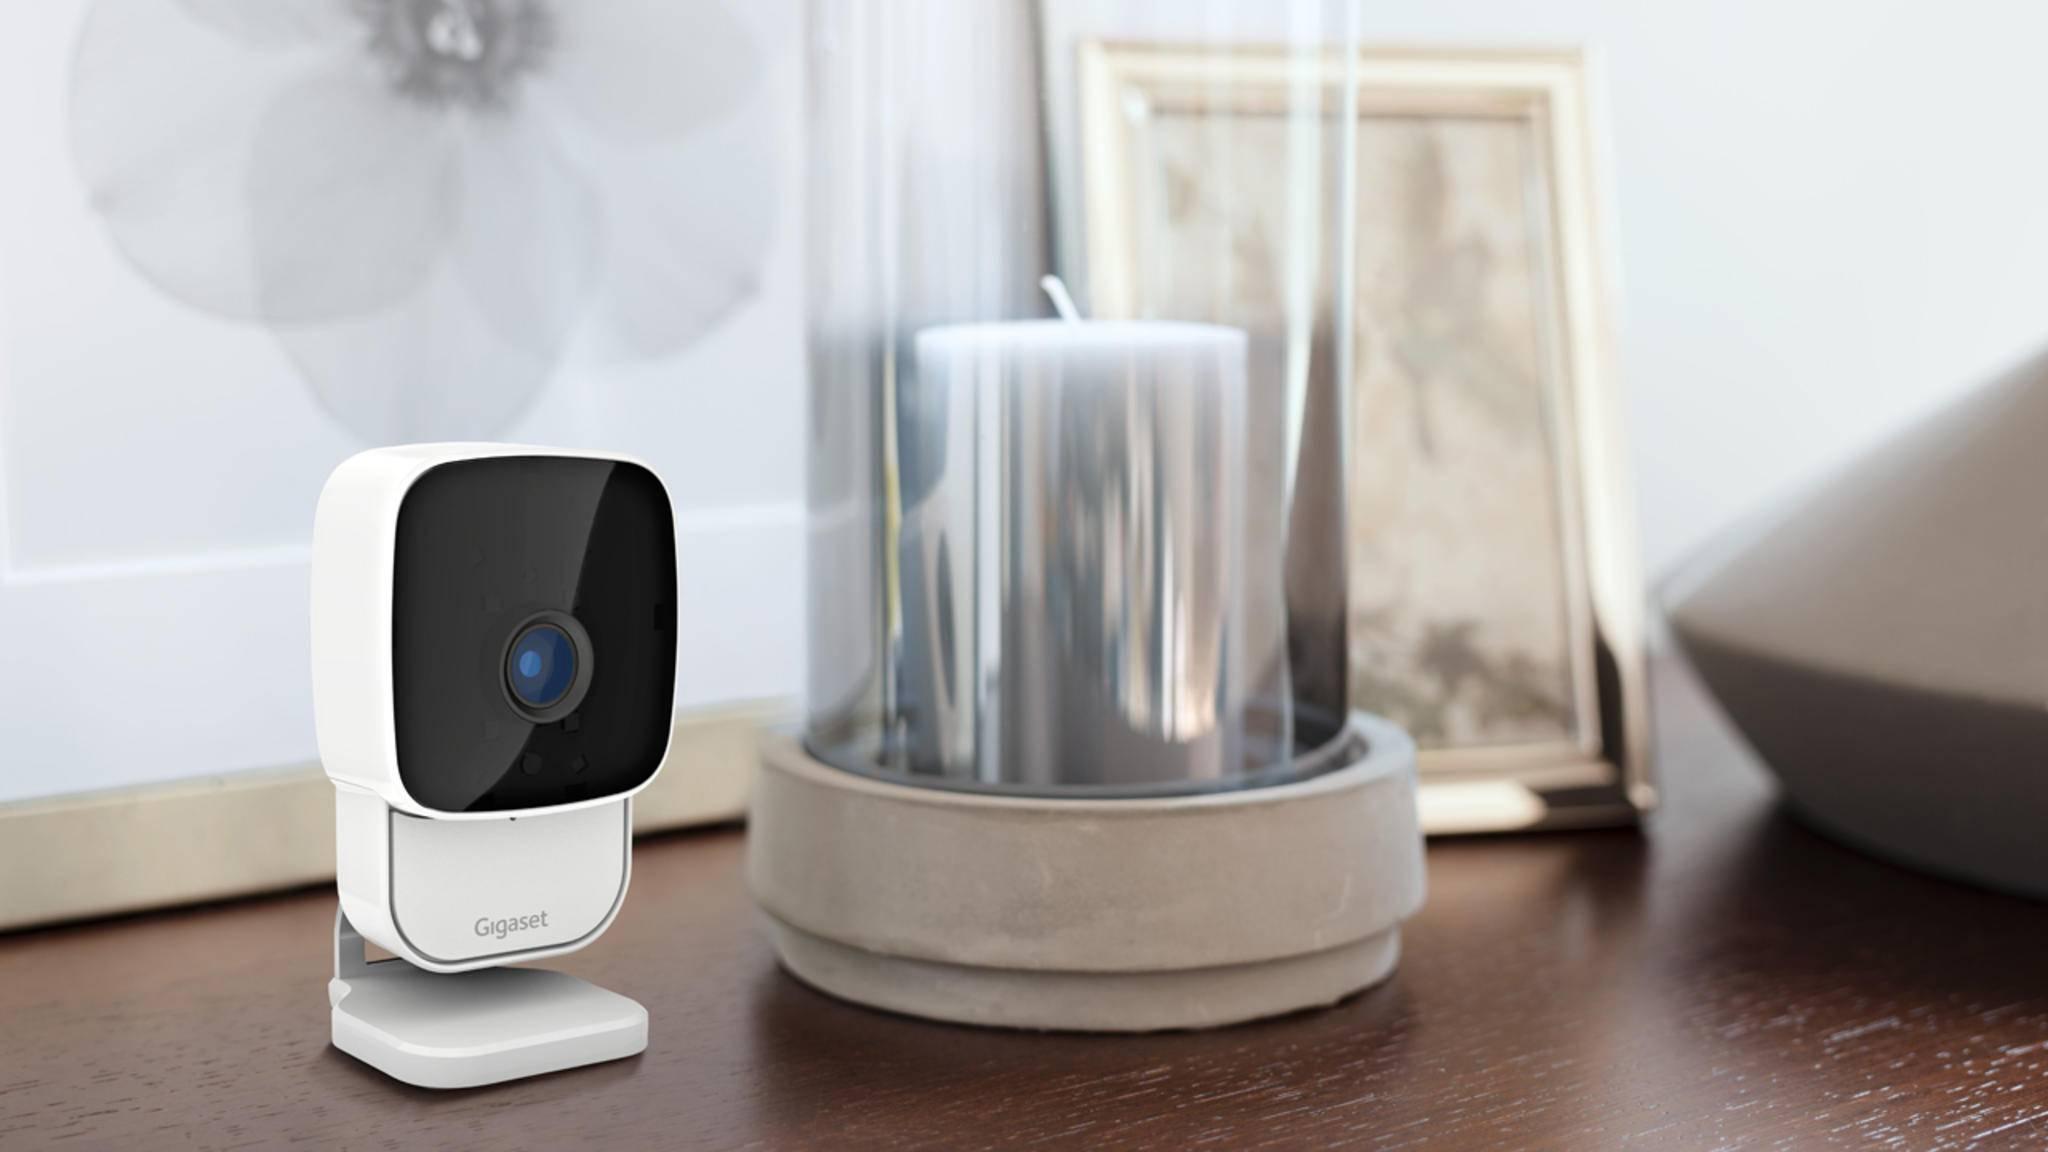 Die Gigaset-Kamera liefert Livebilder von zu Hause aufs Smartphone.